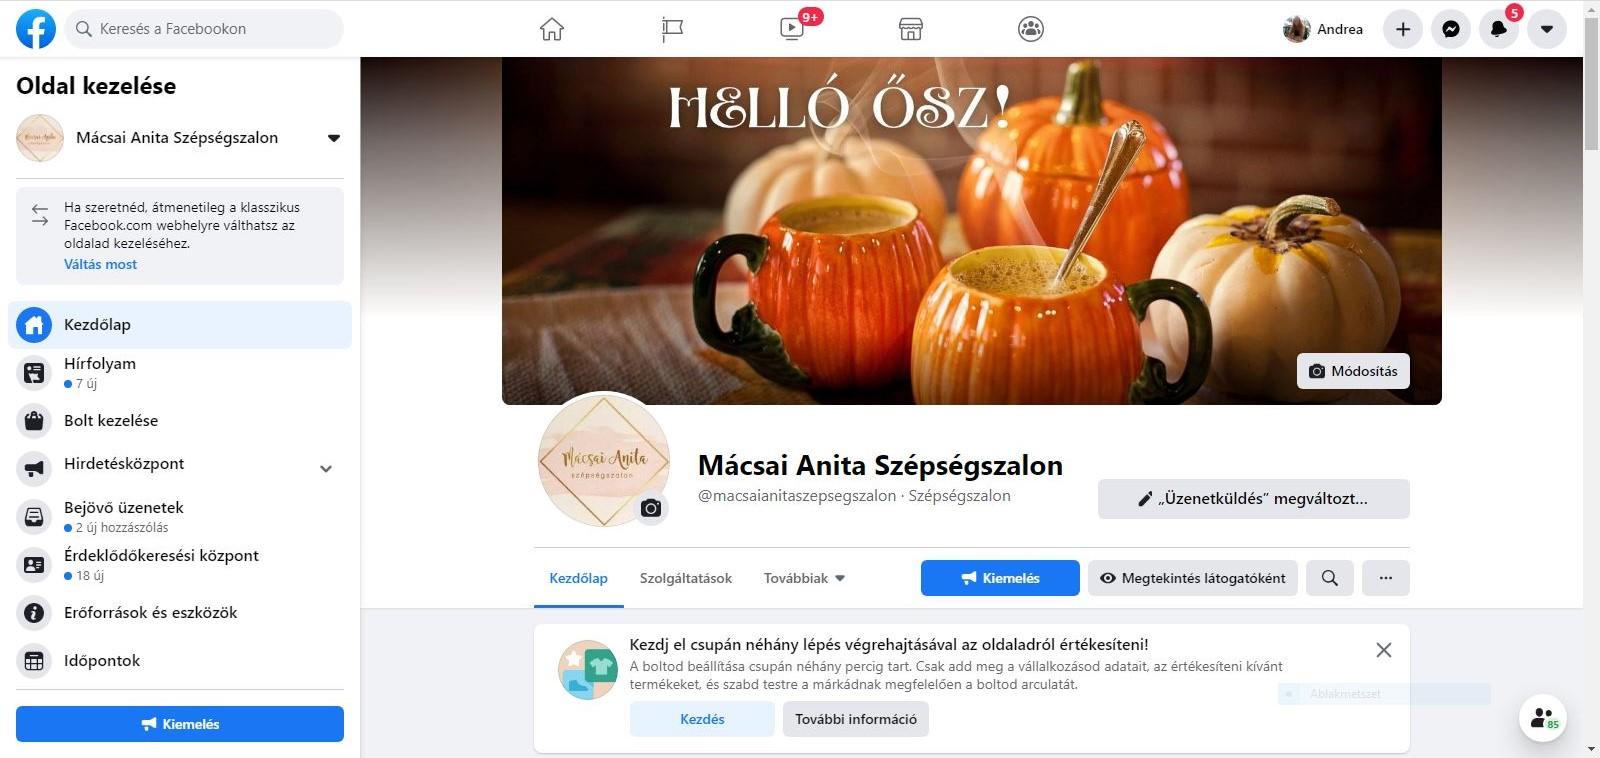 Mácsai Anita Szépségszalon Facebook